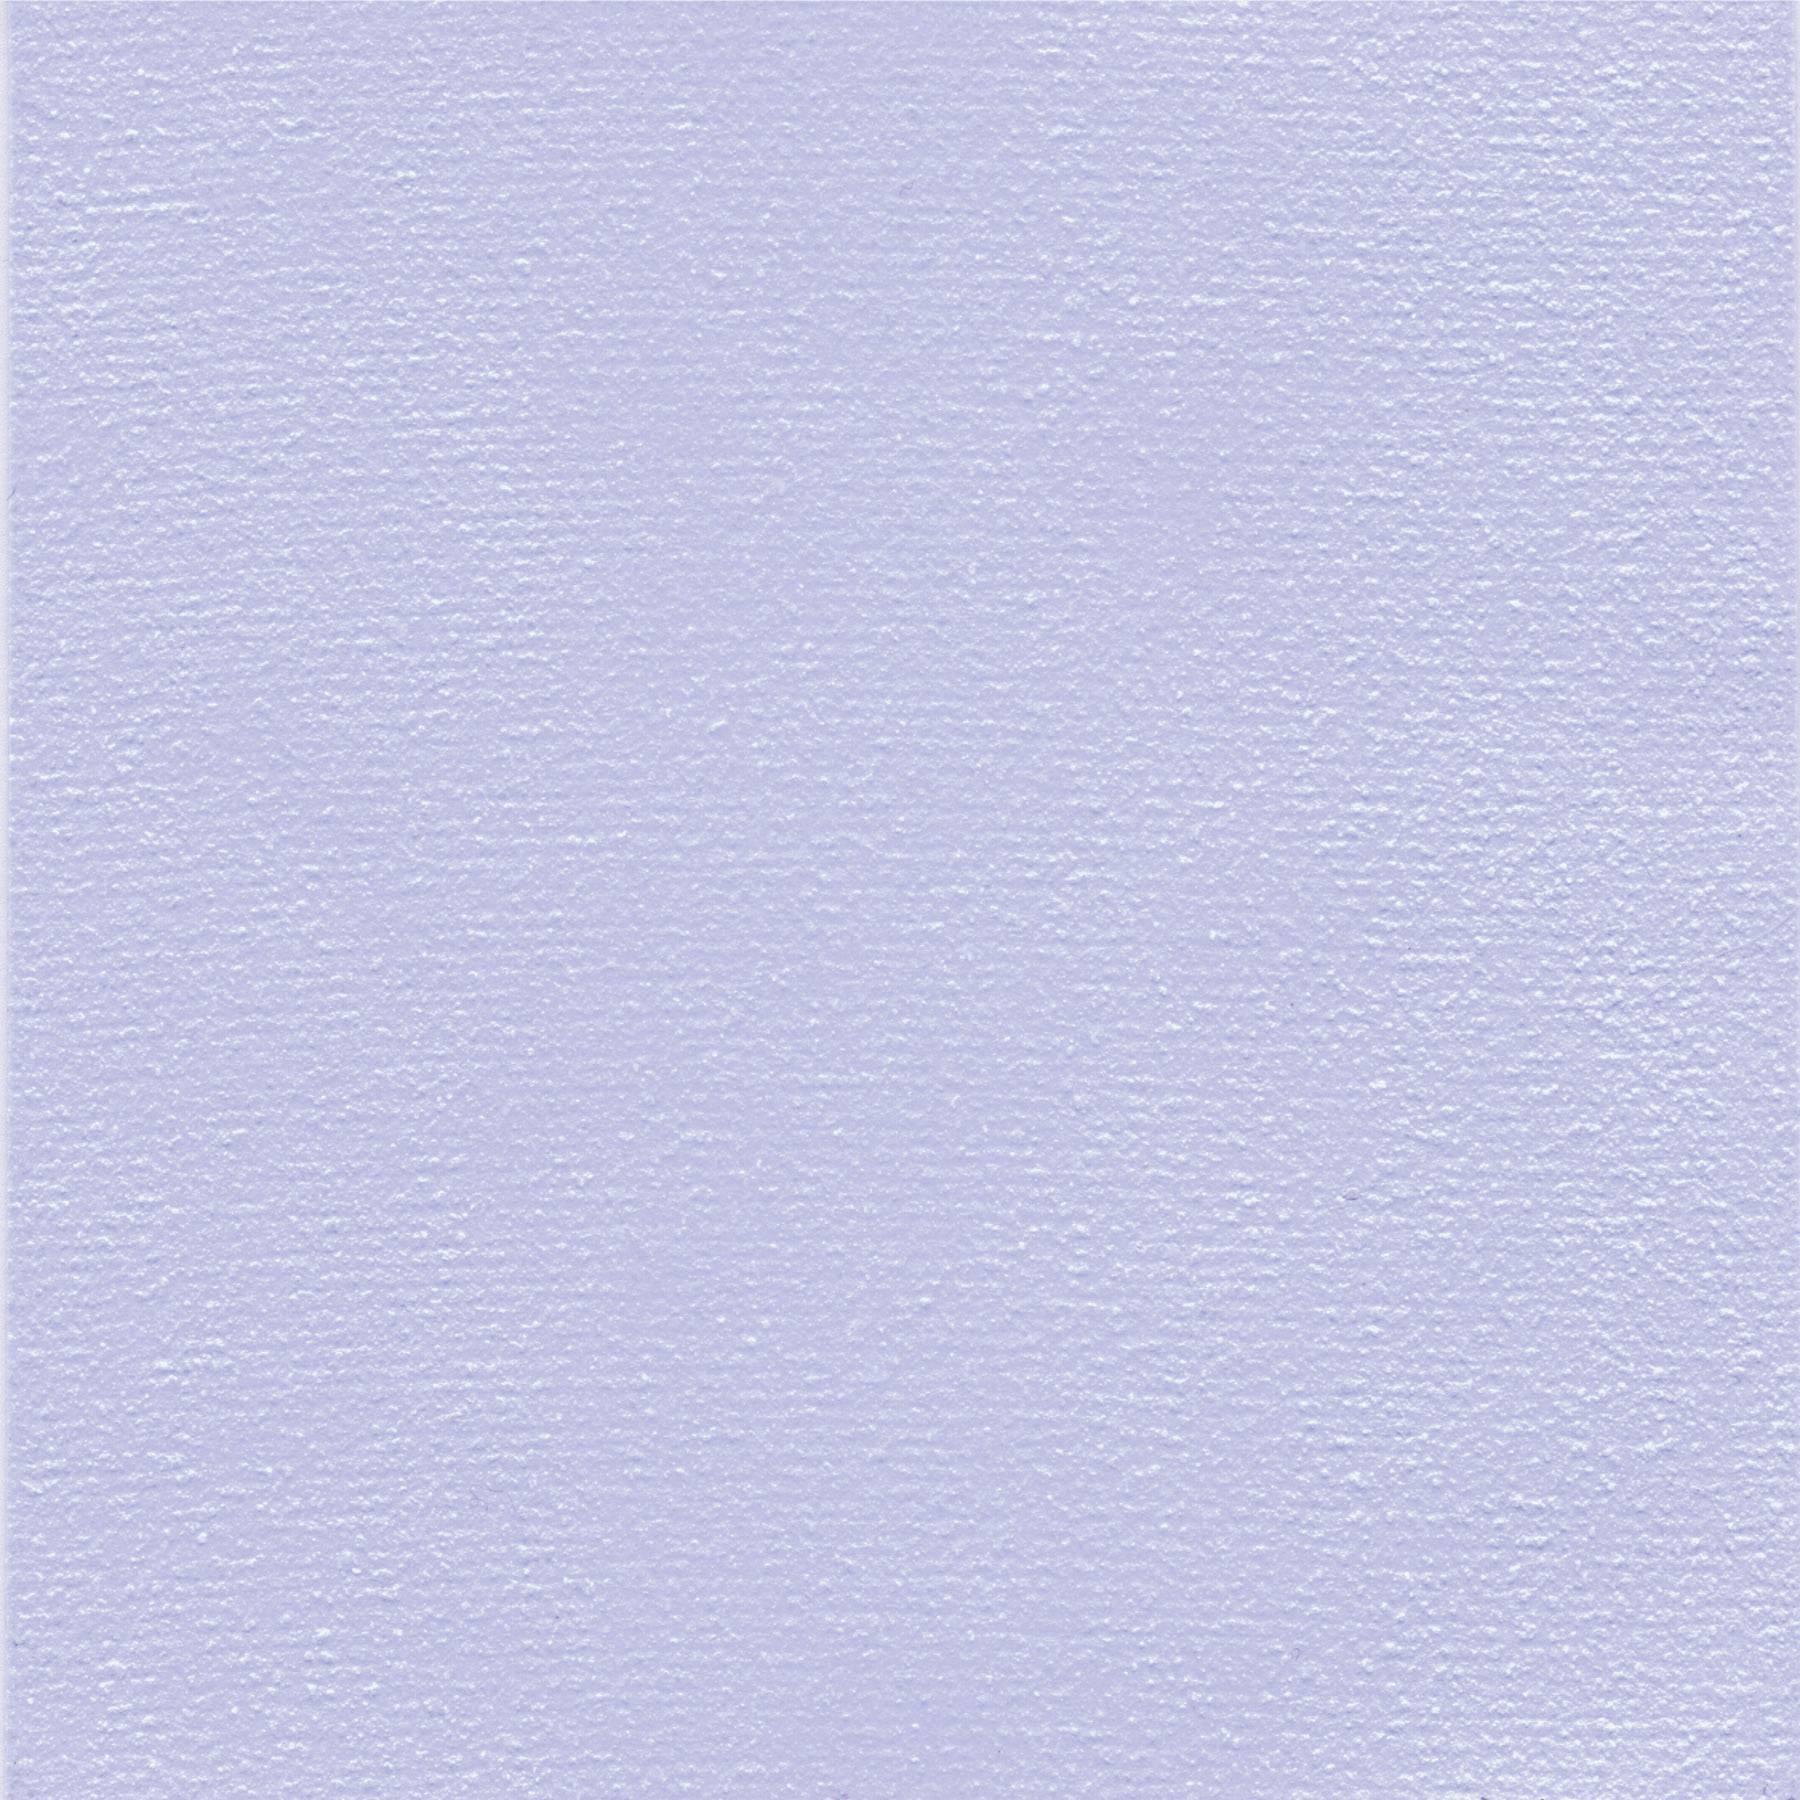 Teplovodivá fólie SoftthermR 86/300 120x200x5 mm